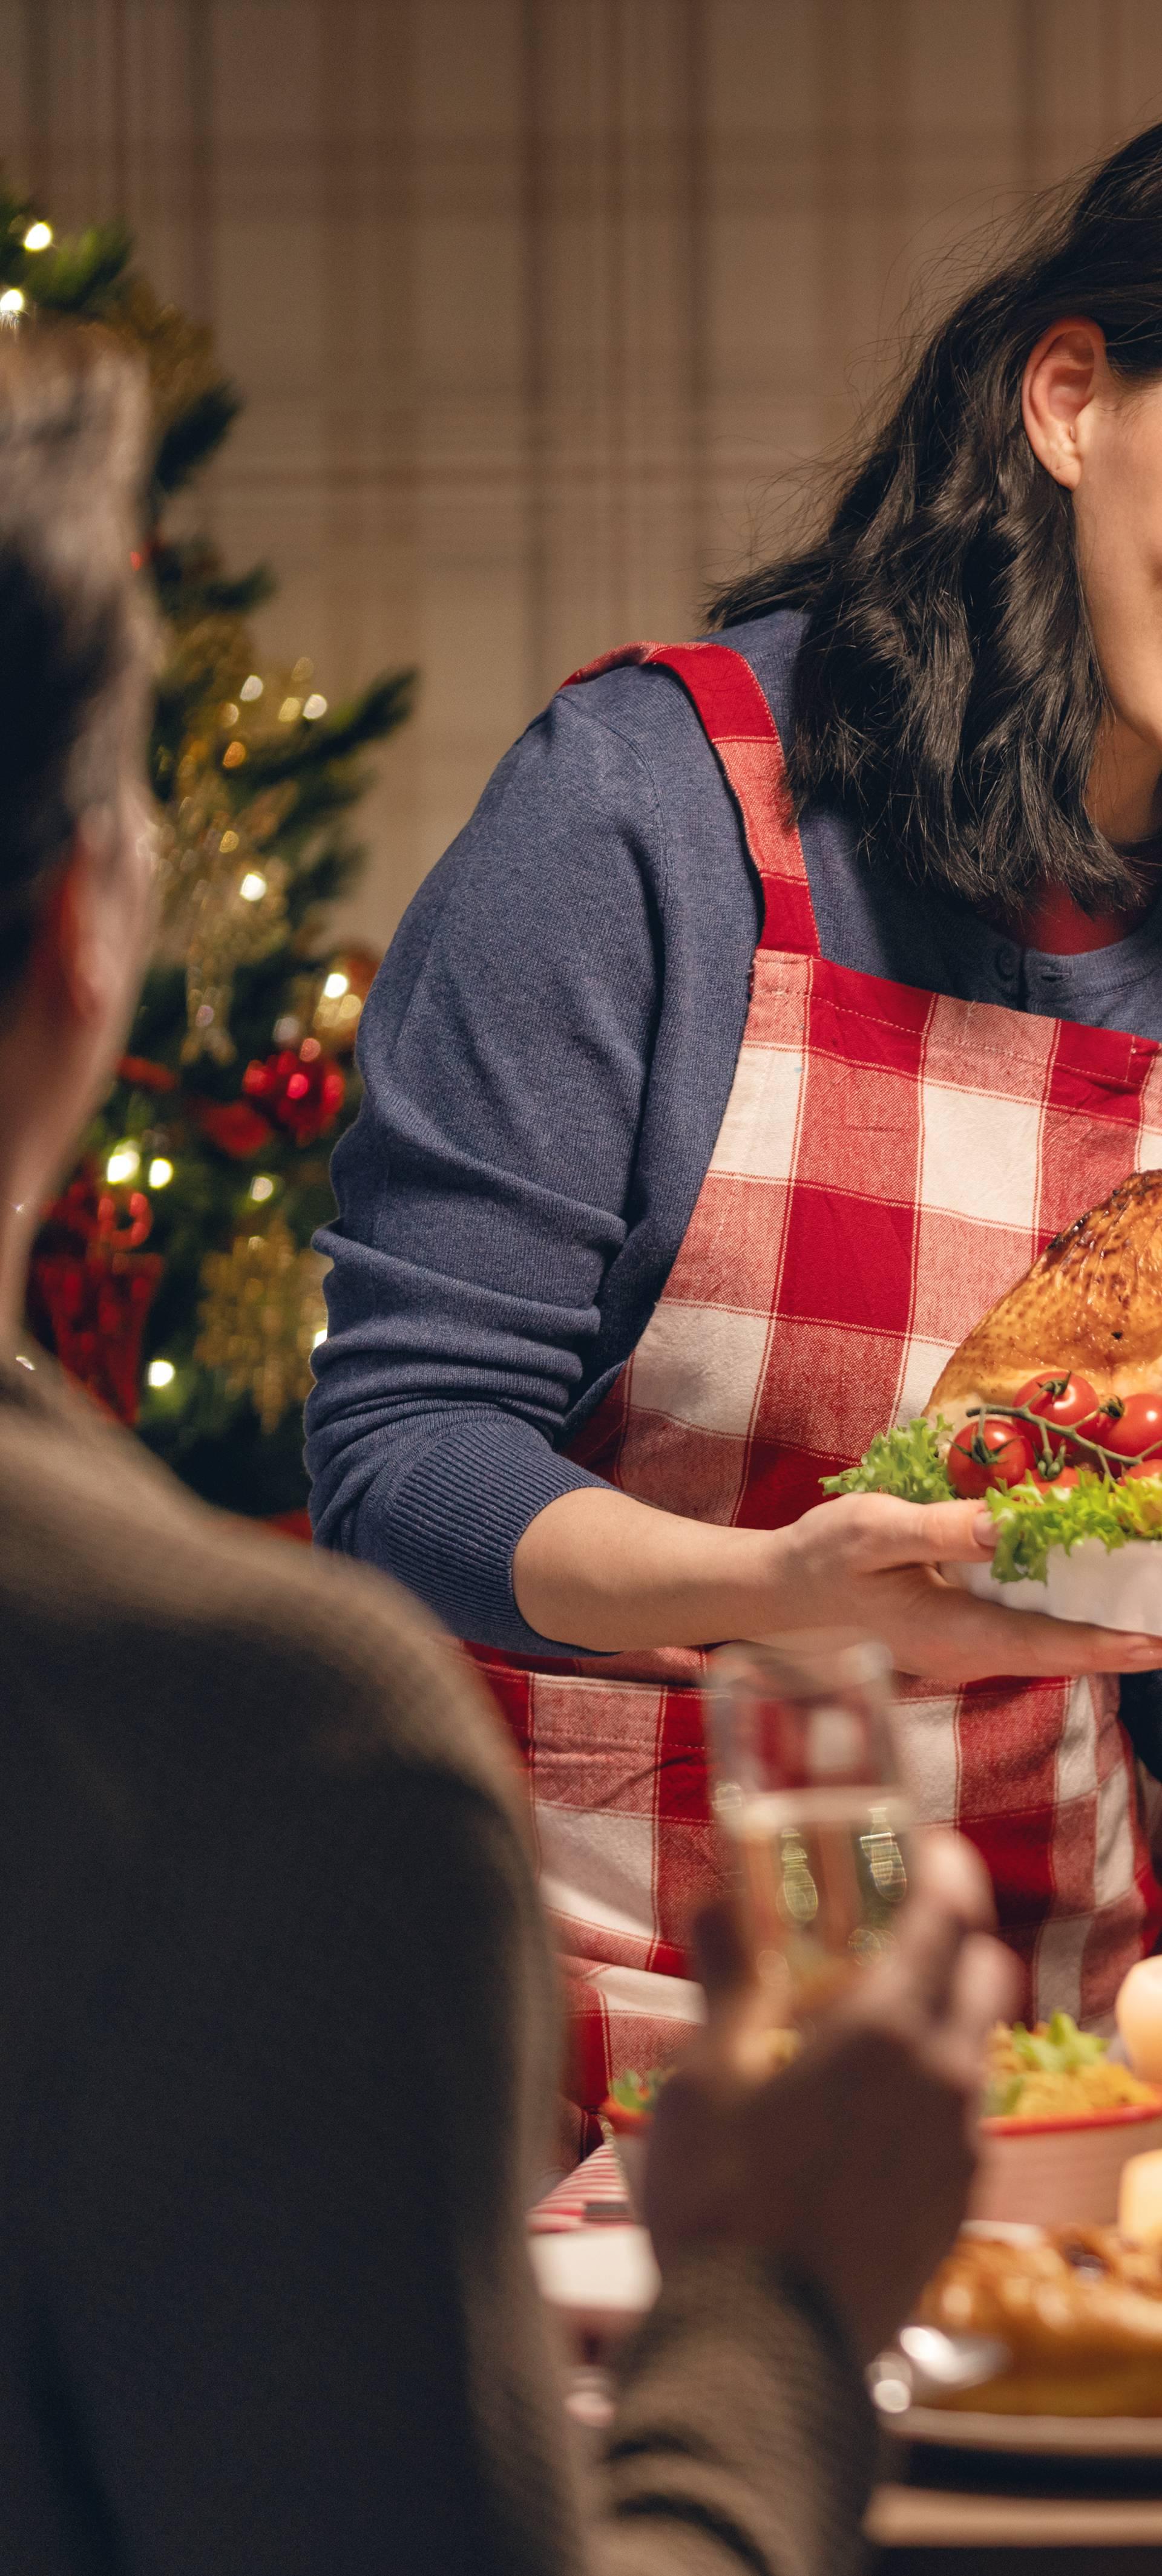 Spriječite trovanje hranom za blagdane uz ovih sedam pravila